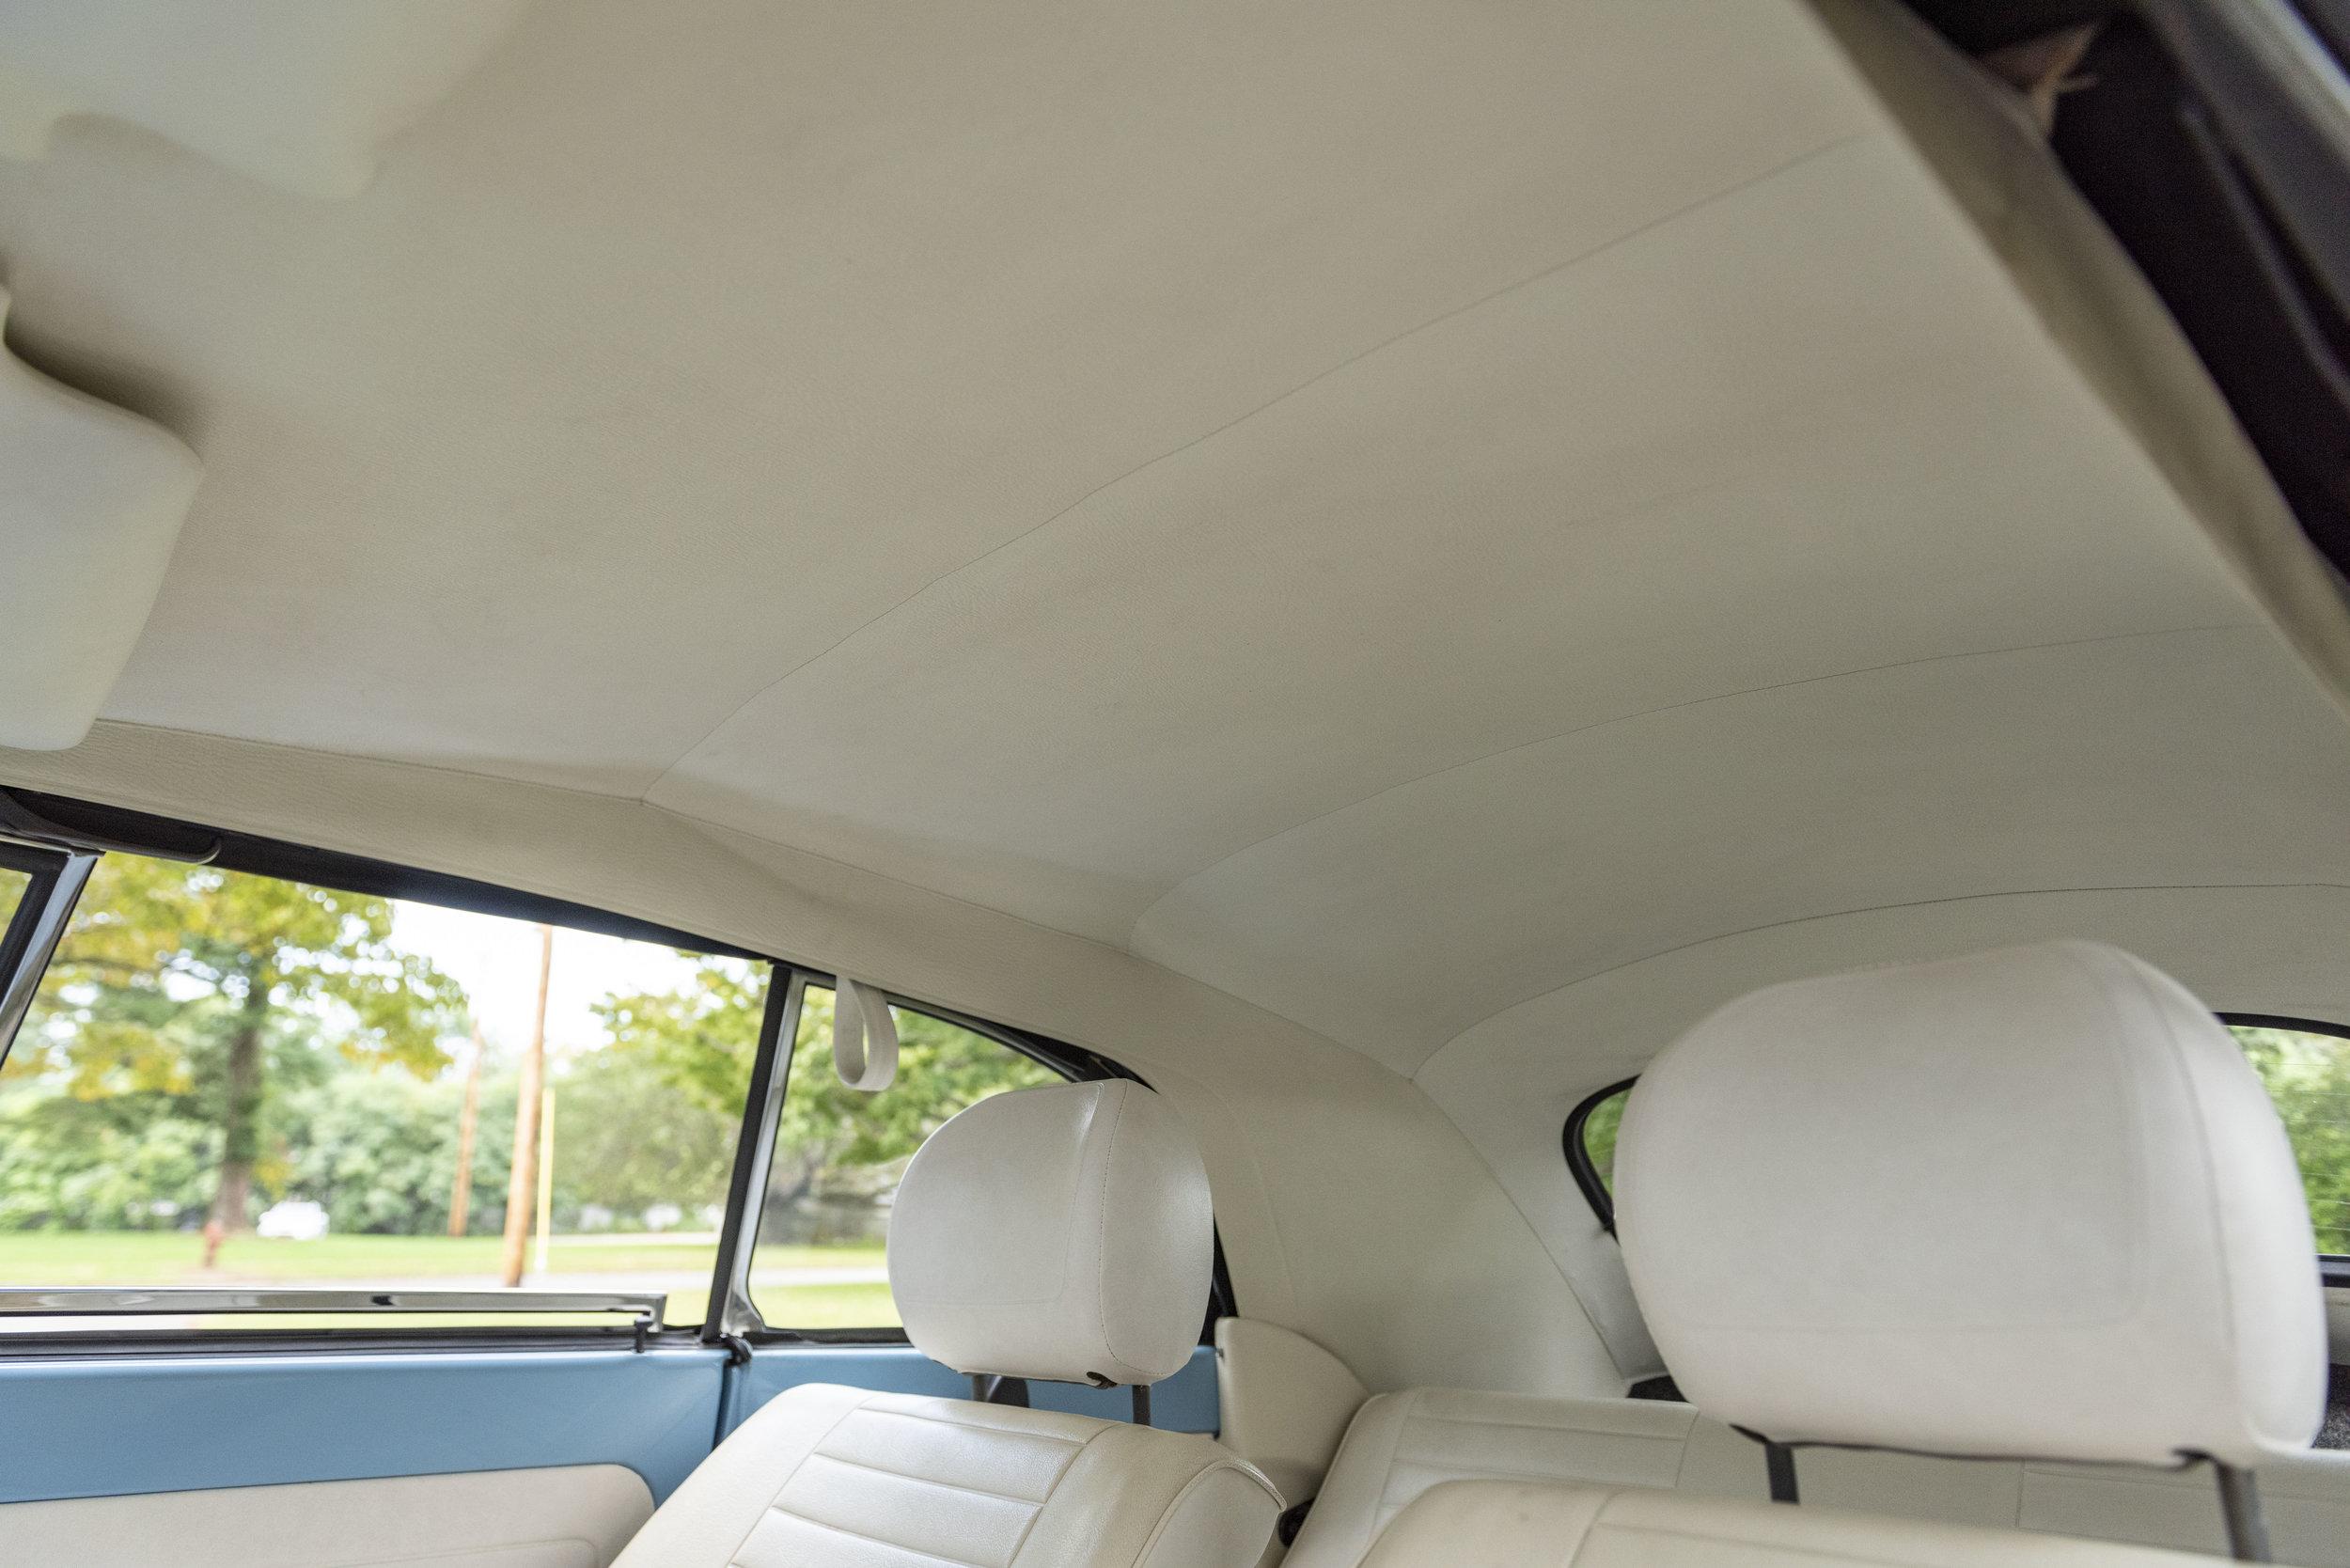 VW Bug Interior_019.JPG